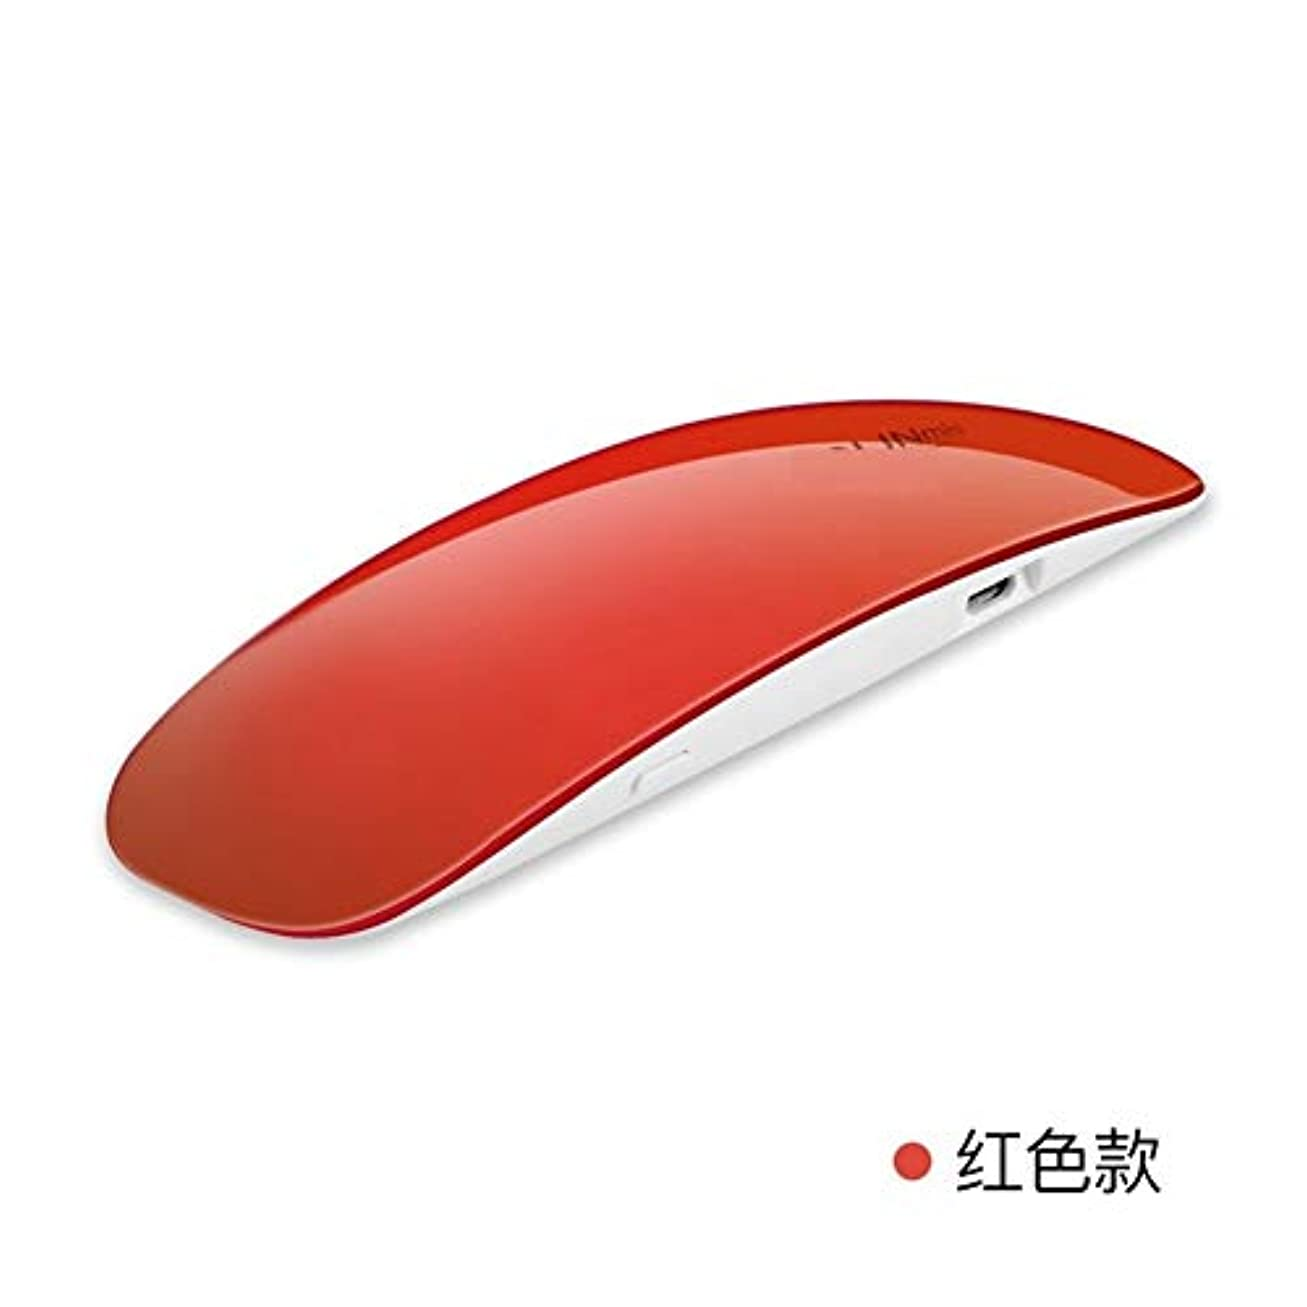 水差し出演者メディックLittleCat ネイルマウスランプライト光線療法マシンミニUSBベーキング日ランプLEDライトセラピーランプ乾燥 (色 : 赤)